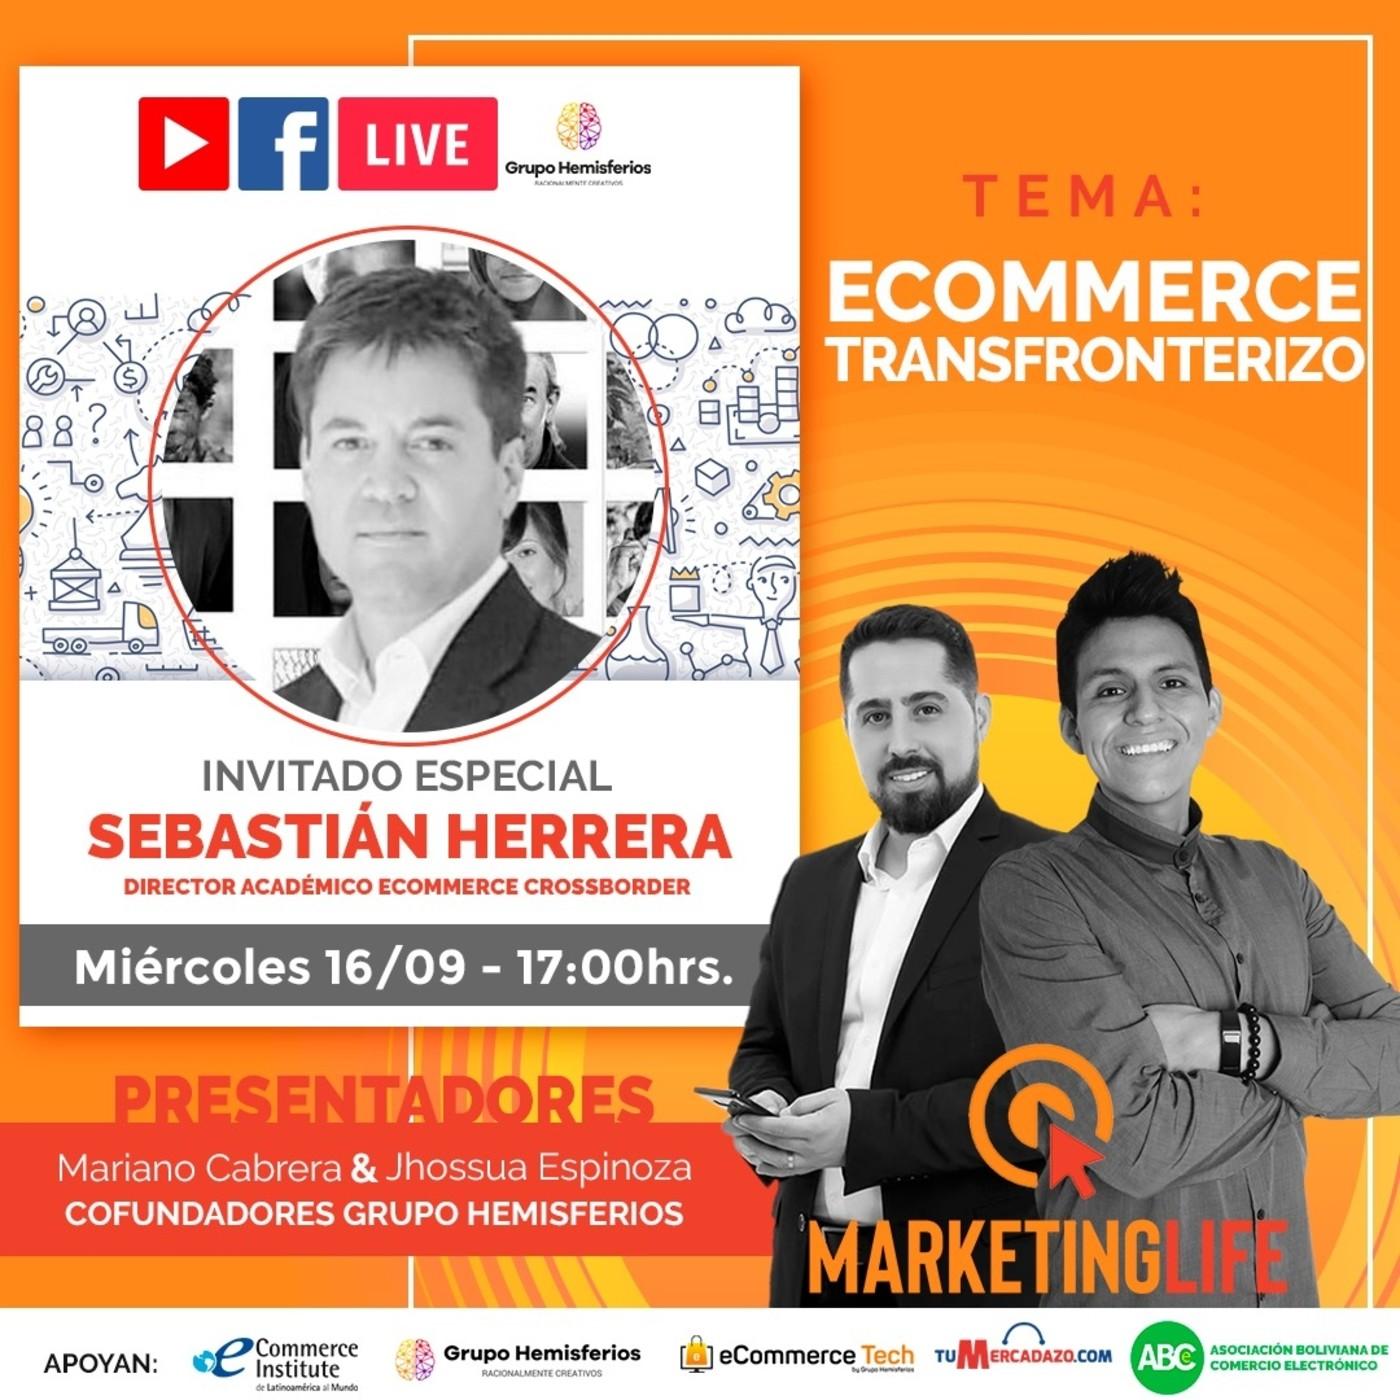 Marketing Life #6 - Tema: eCommerce Transfronterizo (Con Sebastían Herrera)